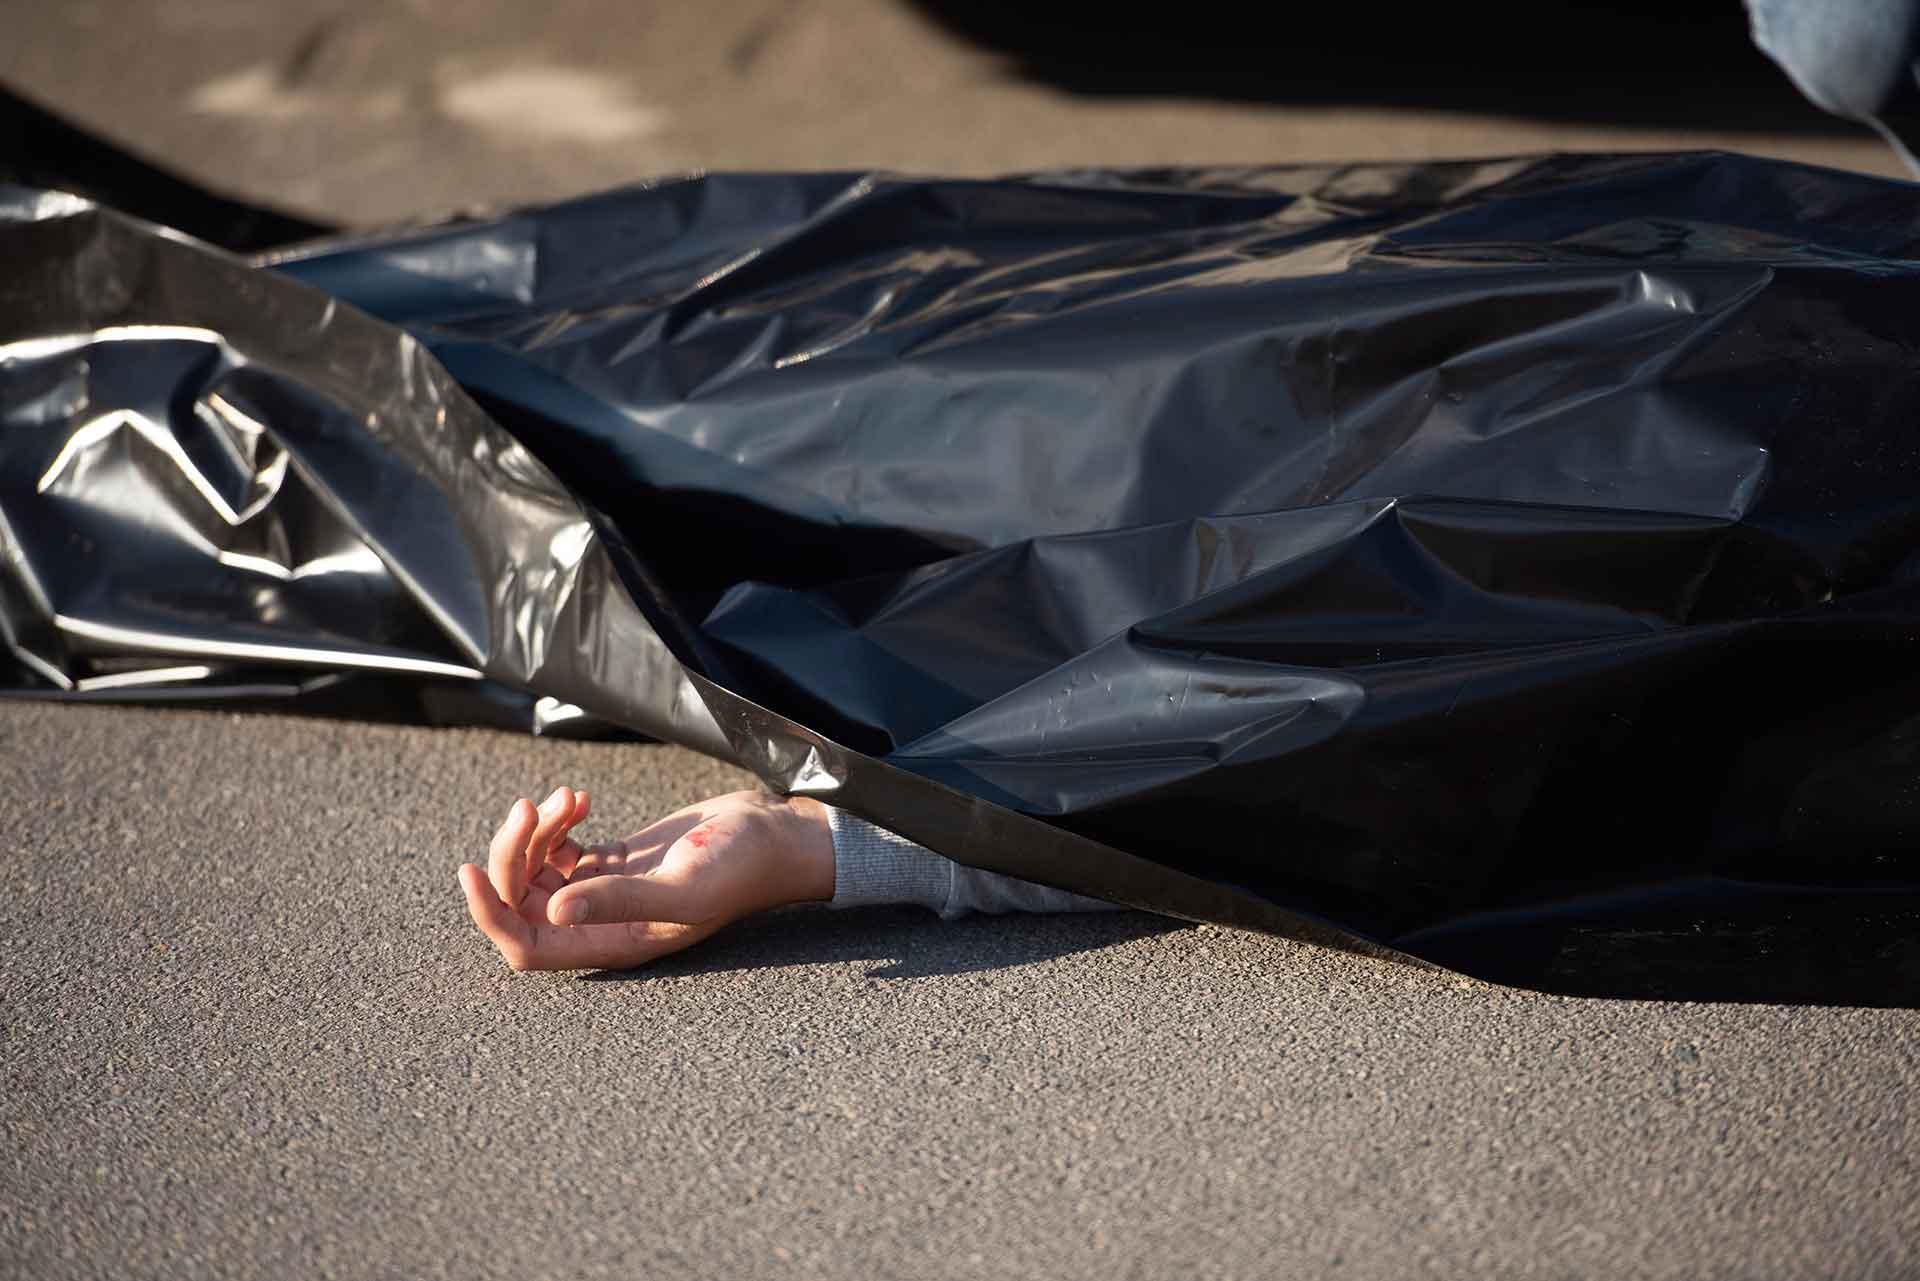 Spraakmakende strafzaken - Moord Betsie Tolhuis Helmond